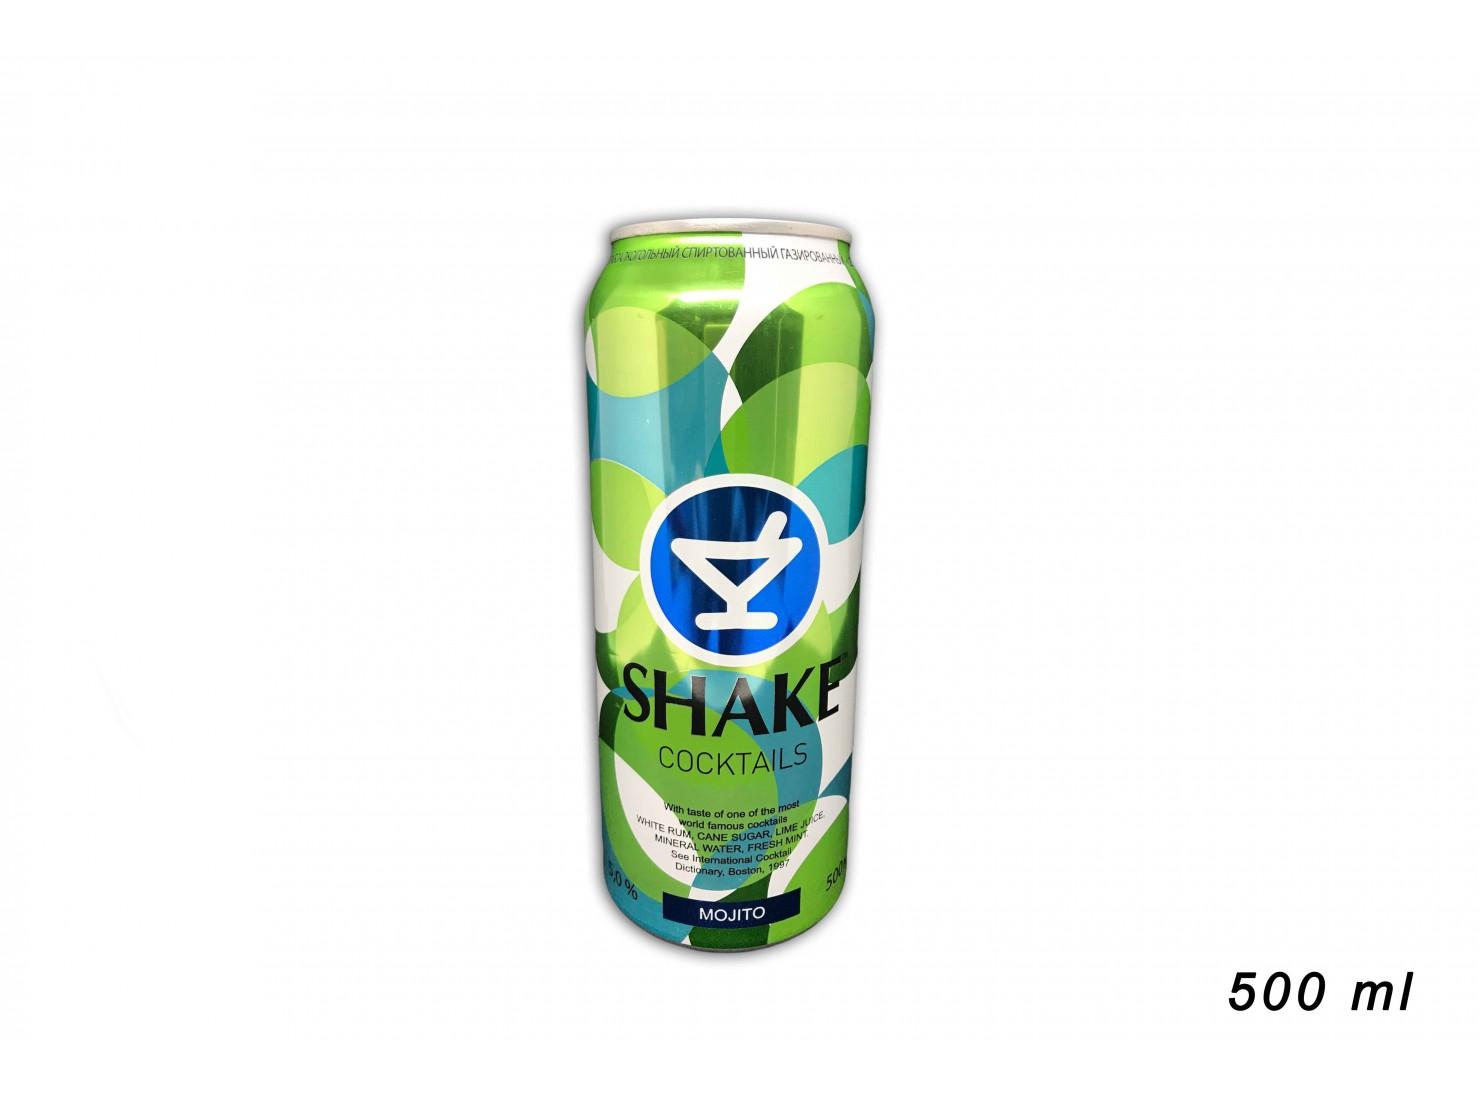 BEVANDA ALCOLICA MOJITO 5%